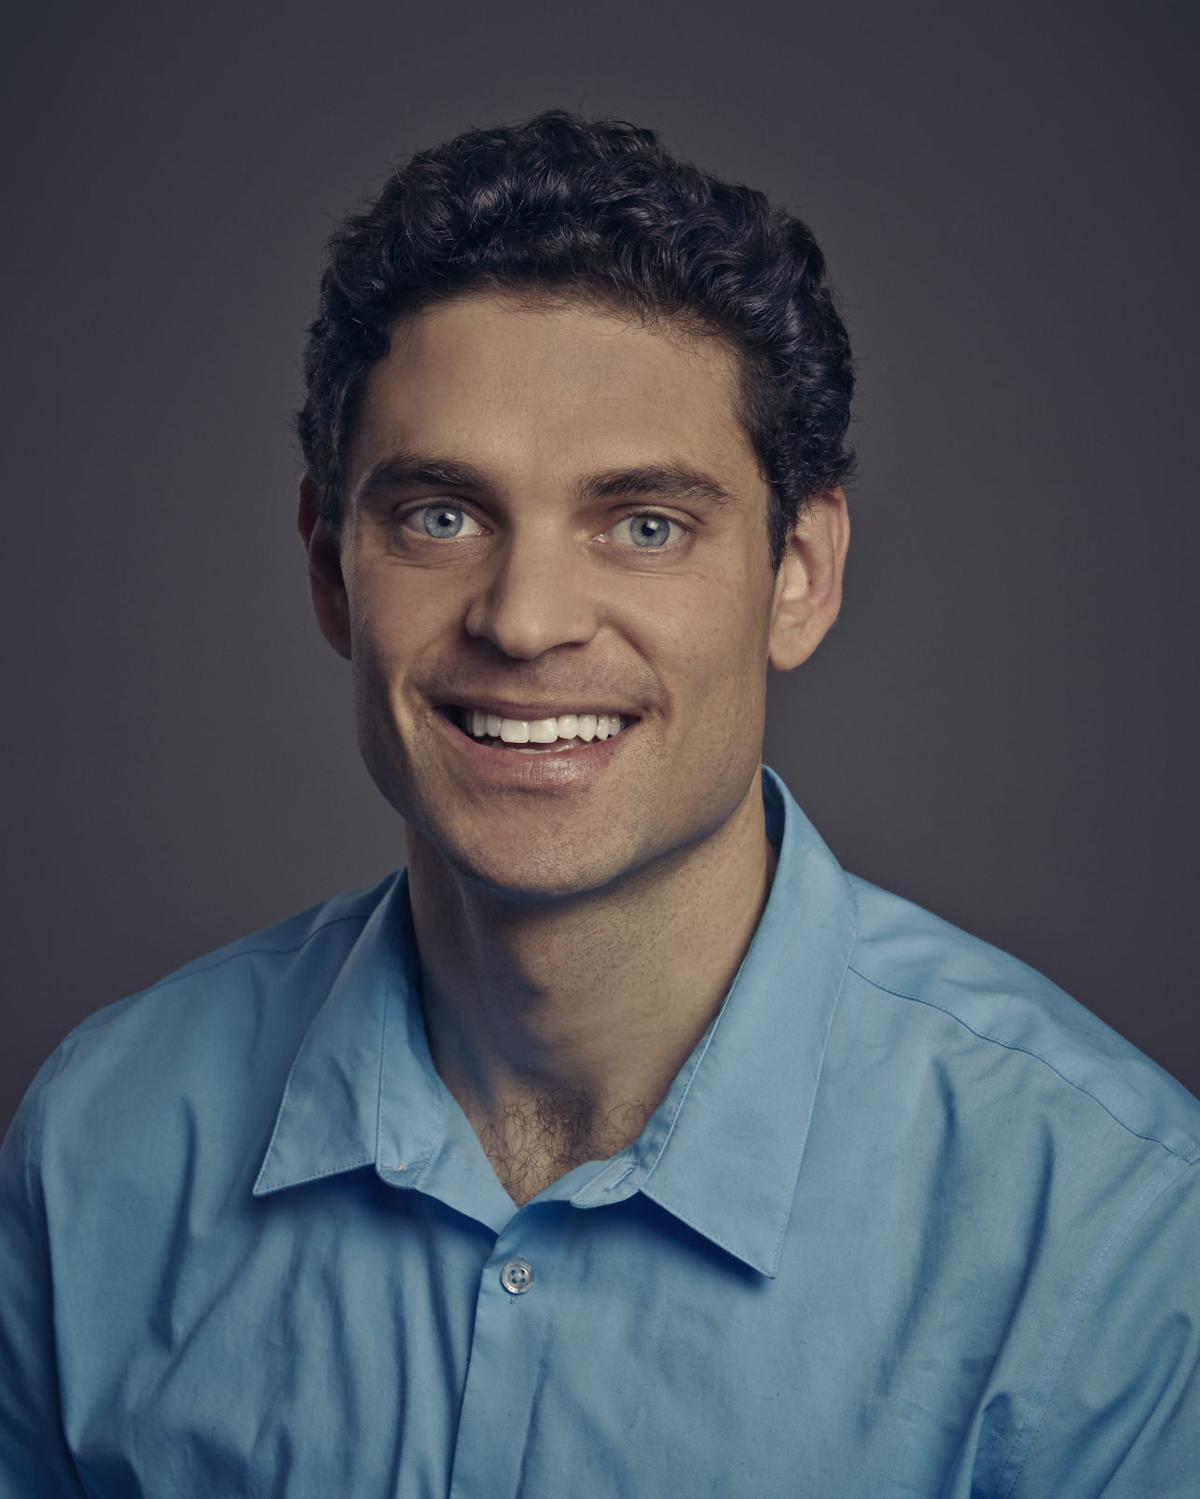 Aaron Seligman